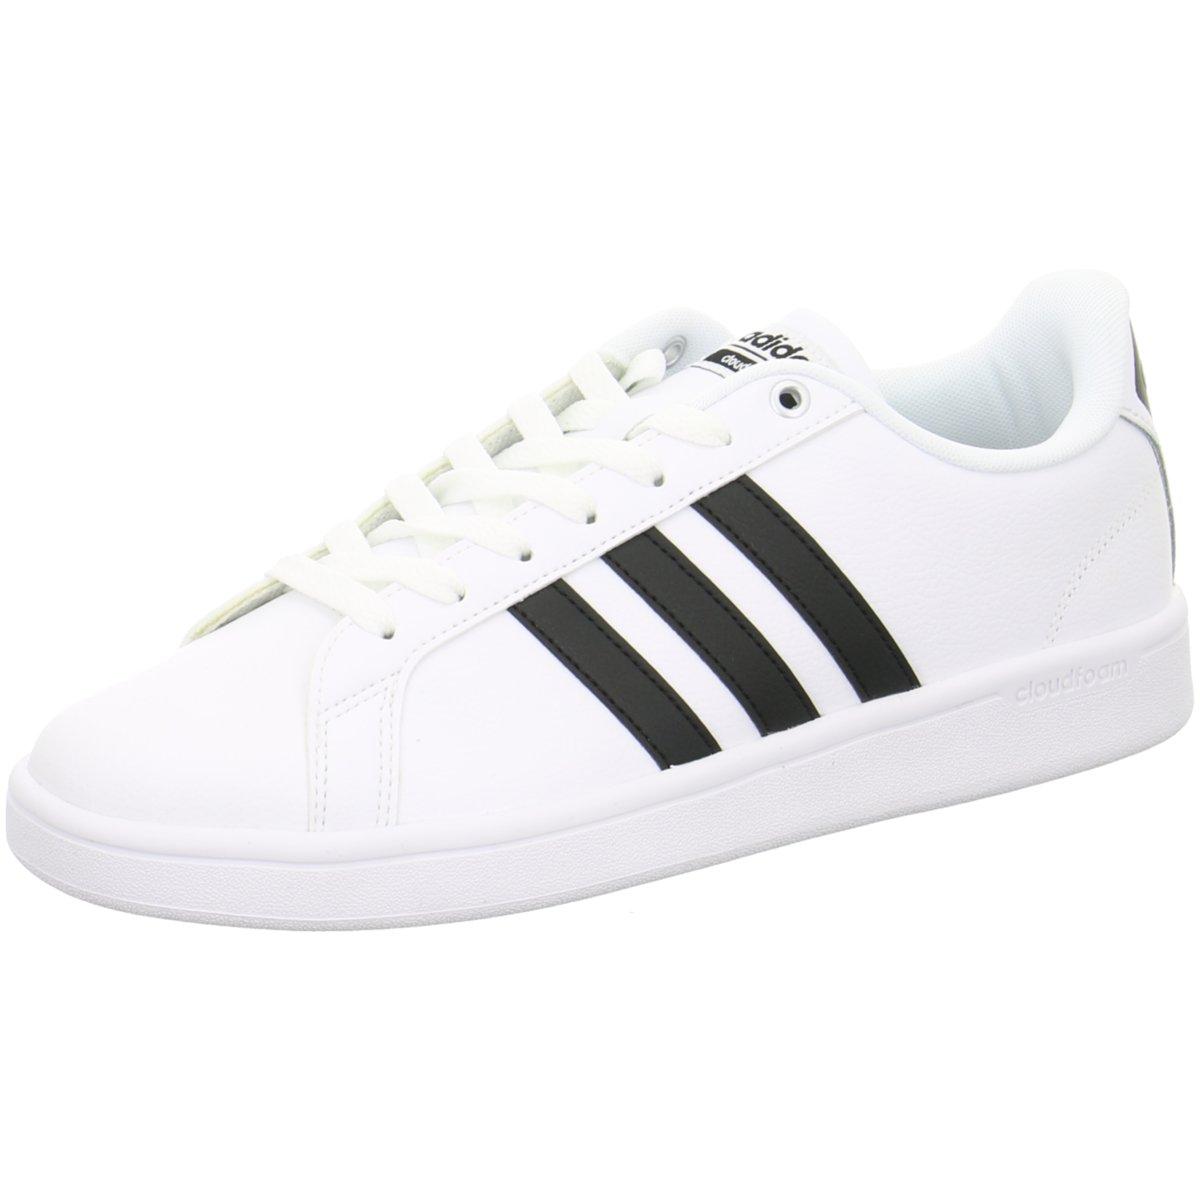 Details zu adidas Herren Sneaker CF ADVANTAGE AW4294 weiß 258206